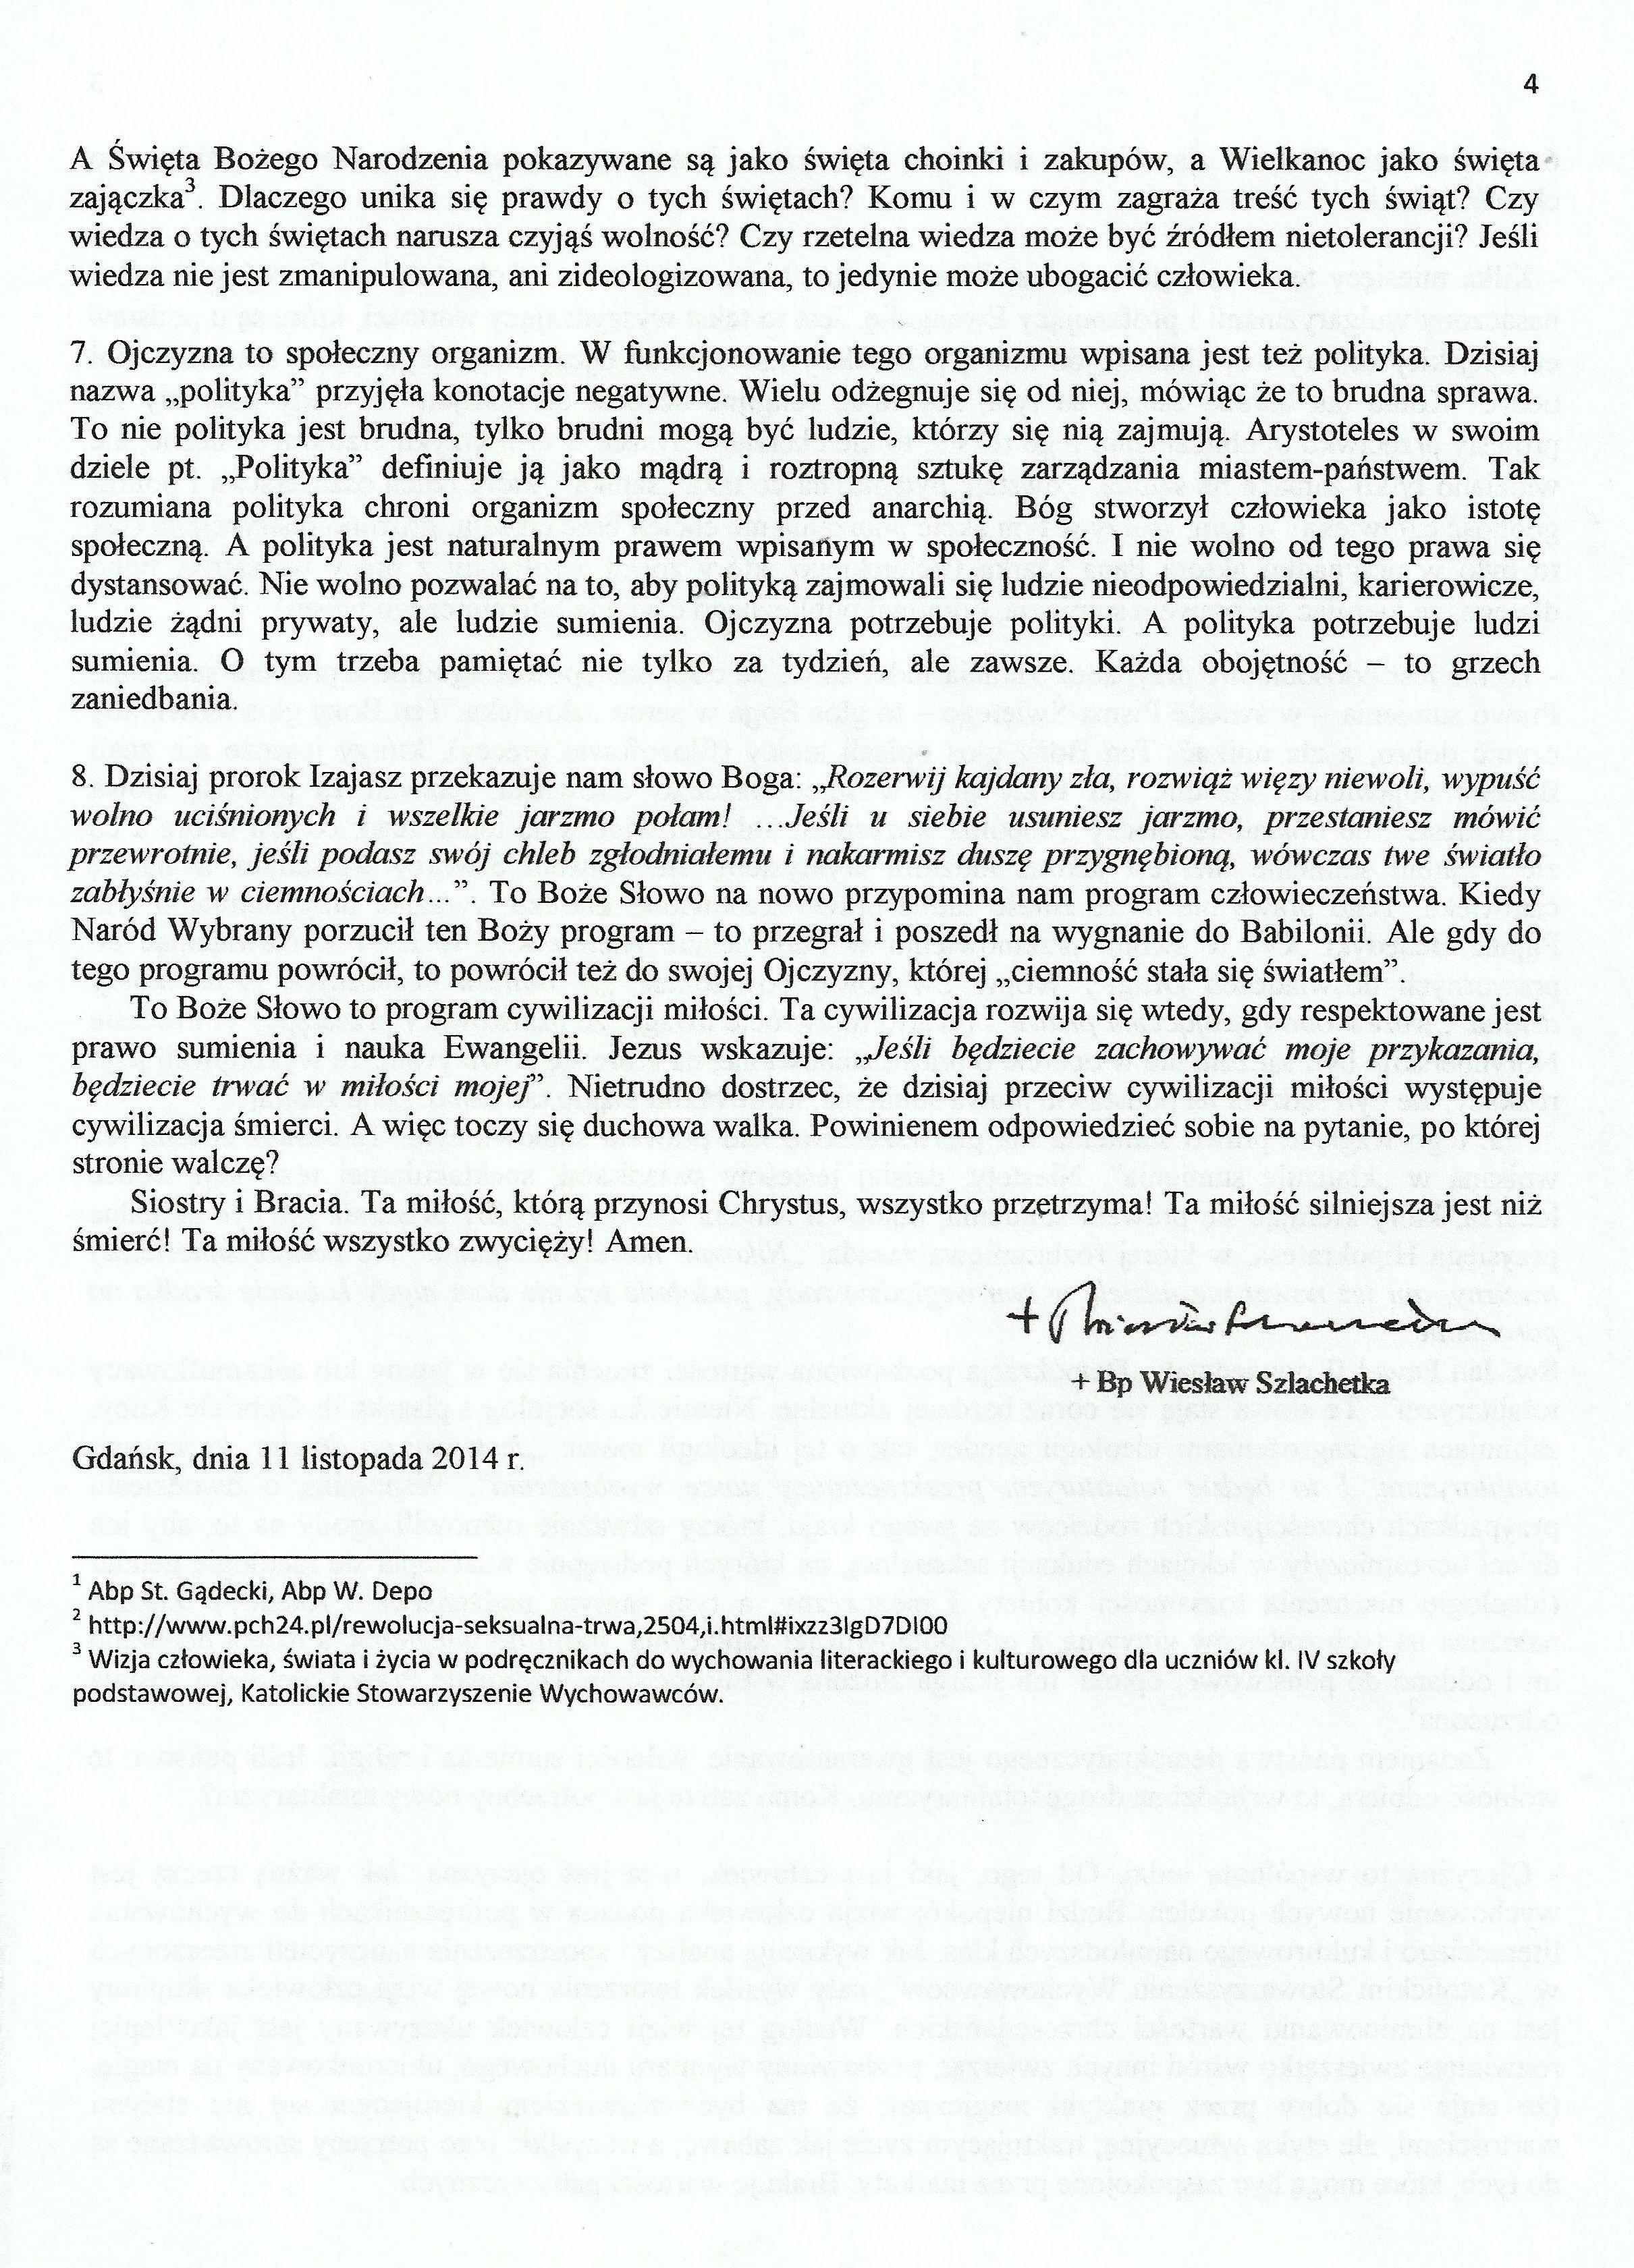 OJCZYZNA TO DAR I ZBIOROWYOBOWIĄZEK - bp Wiesław Szlachetka0004